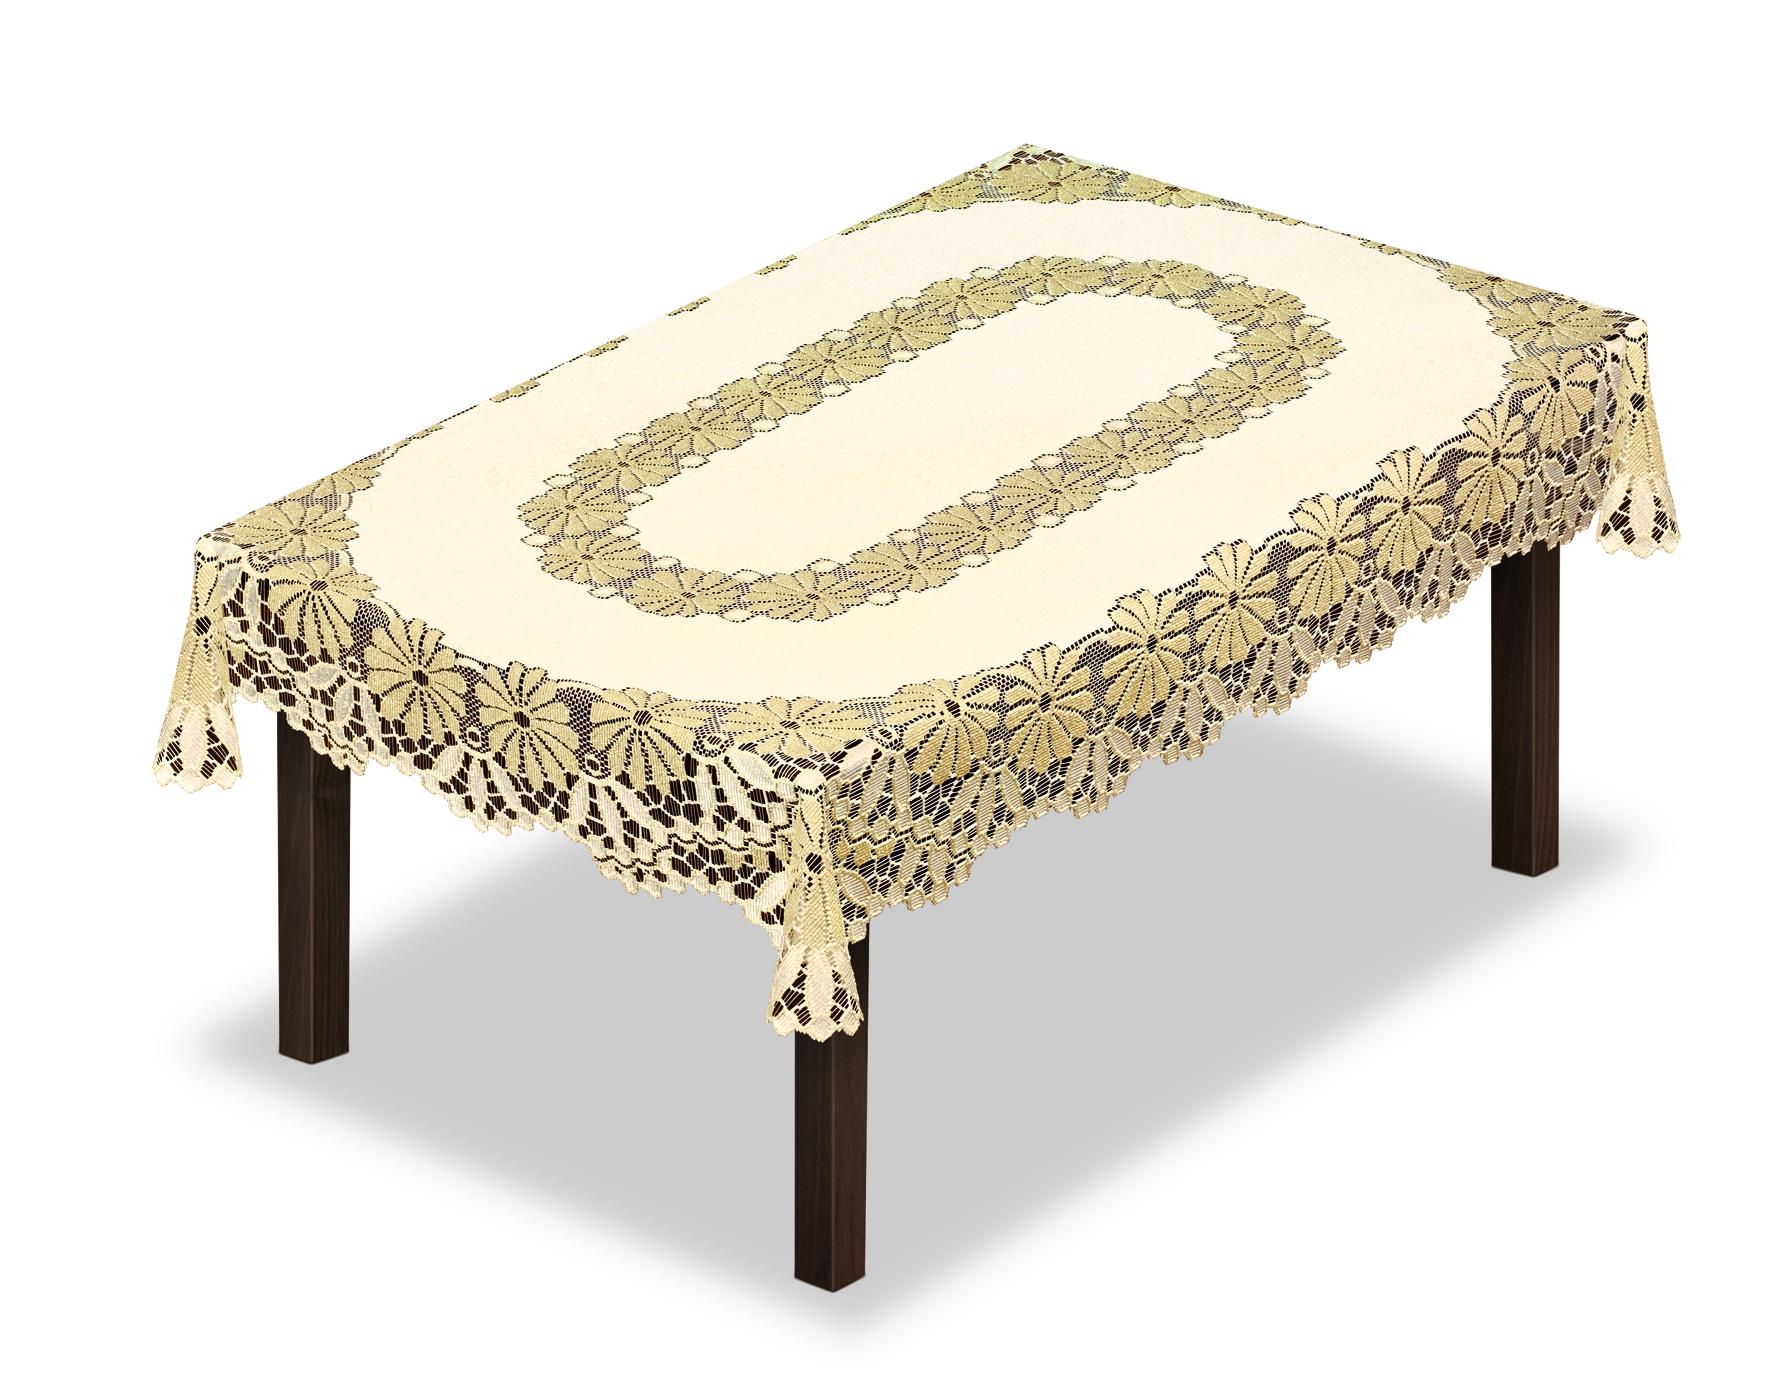 Скатерть Haft, прямоугольная, цвет: кремовый, золотистый, 100 х 150 см. 22870980008Великолепная скатерть Haft, выполненная из полиэстера, органично впишется в интерьер любого помещения, а оригинальный дизайн удовлетворит даже самый изысканный вкус.Скатерть Haft создаст праздничное настроение и станет прекрасным дополнением интерьера гостиной, кухни или столовой.